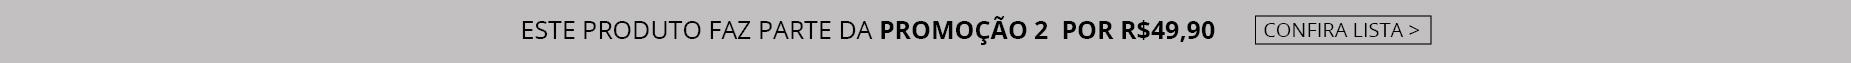 Banner_Promoção